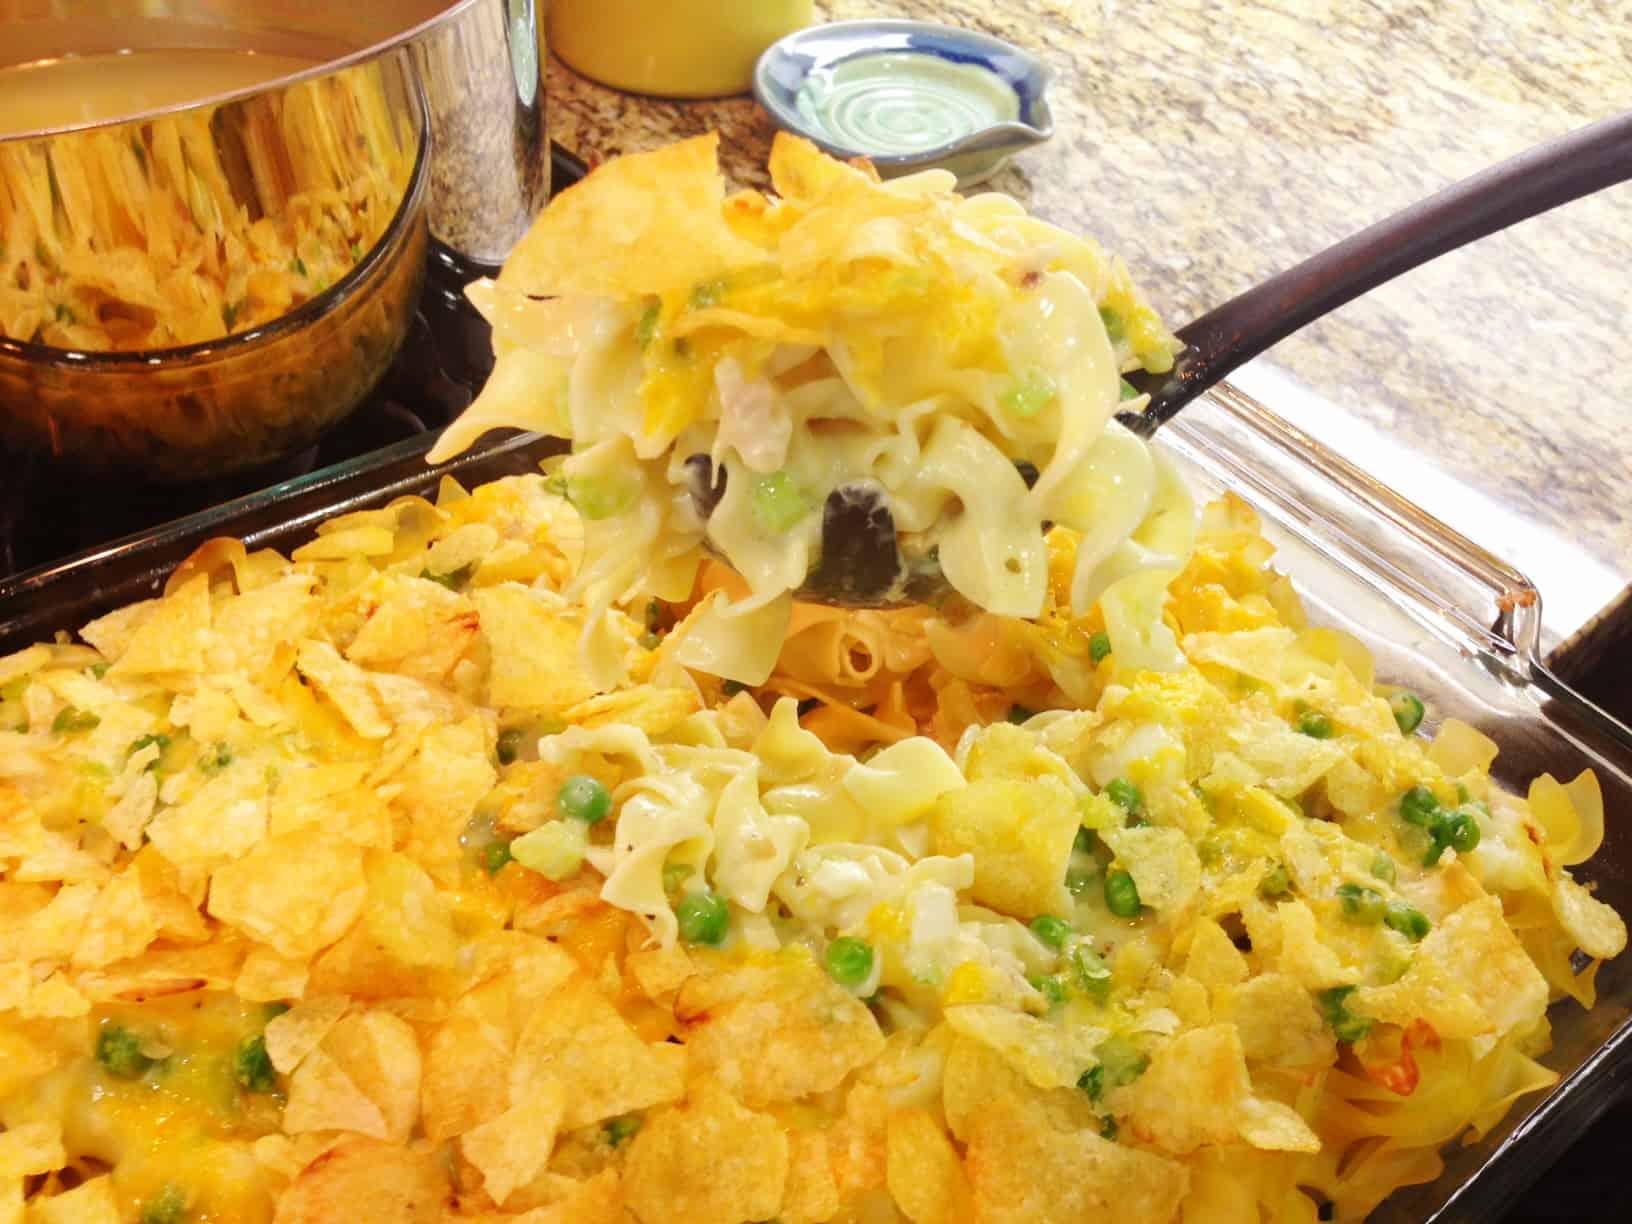 Tuna noodle casserole with potato chip crust